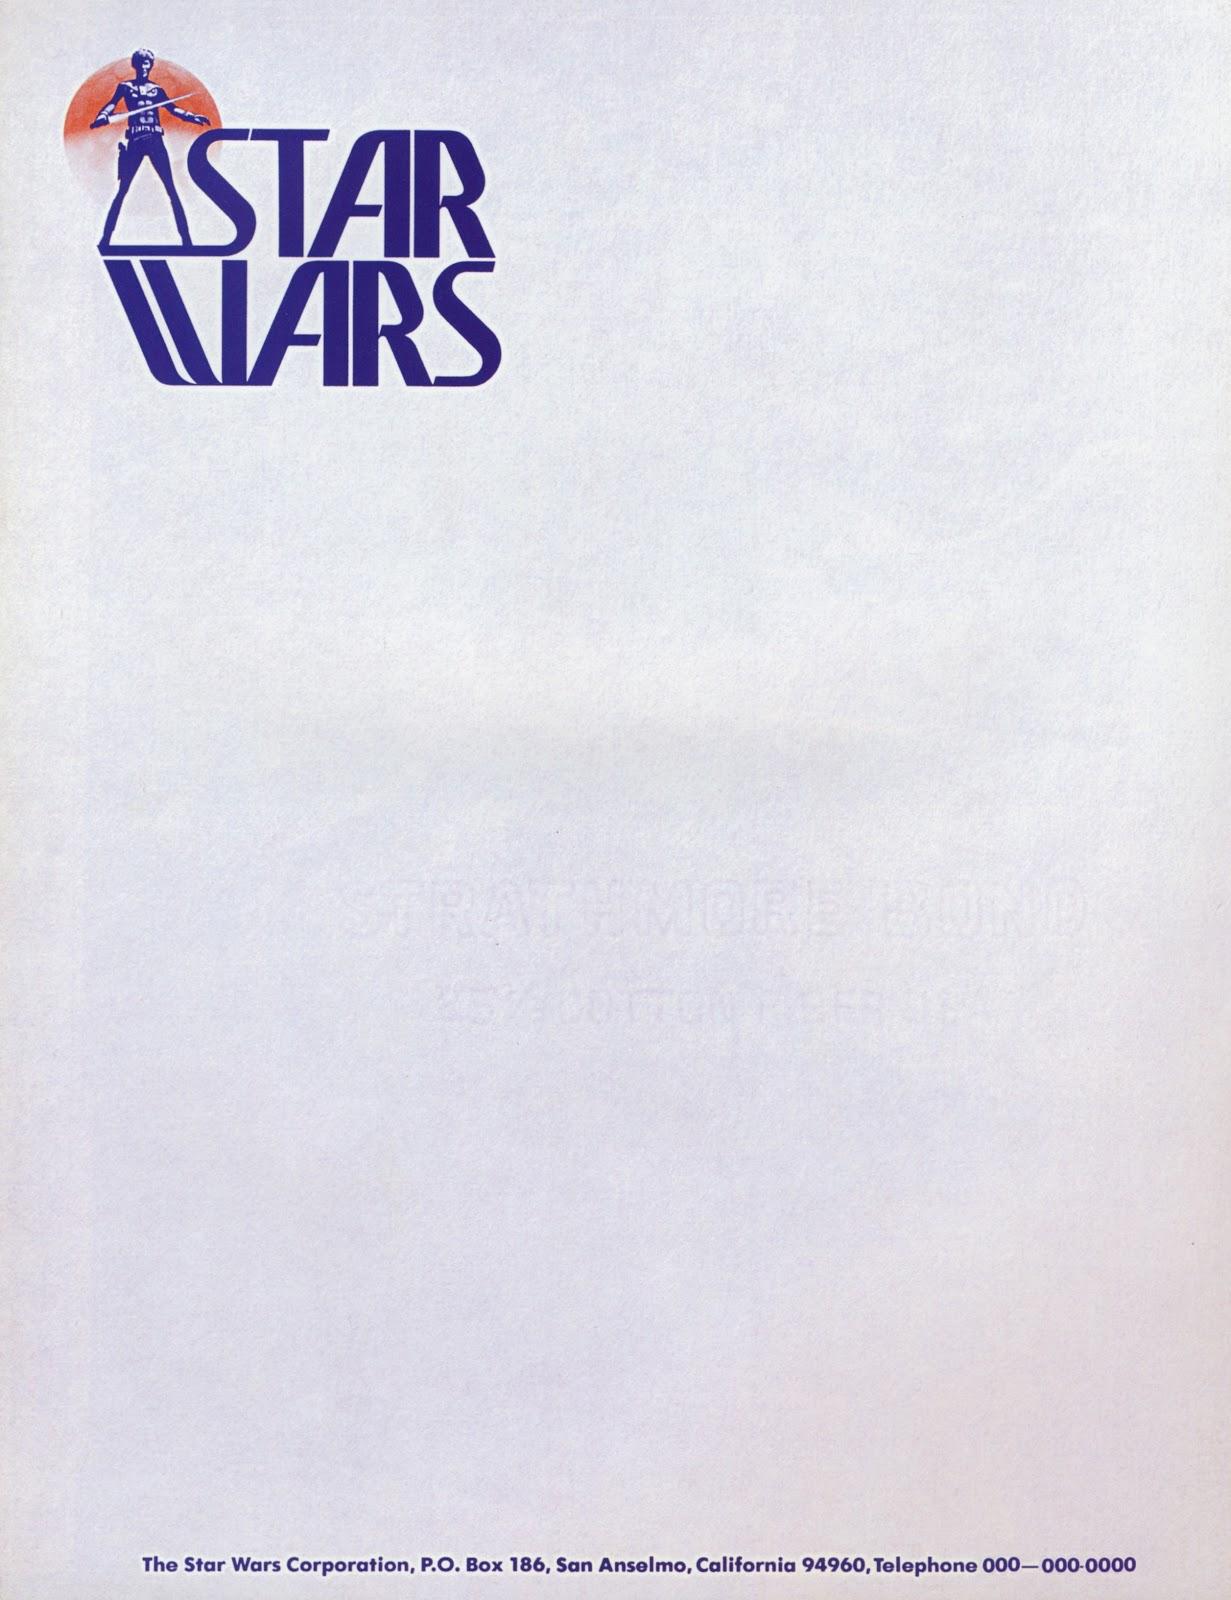 star wars logo letterhead